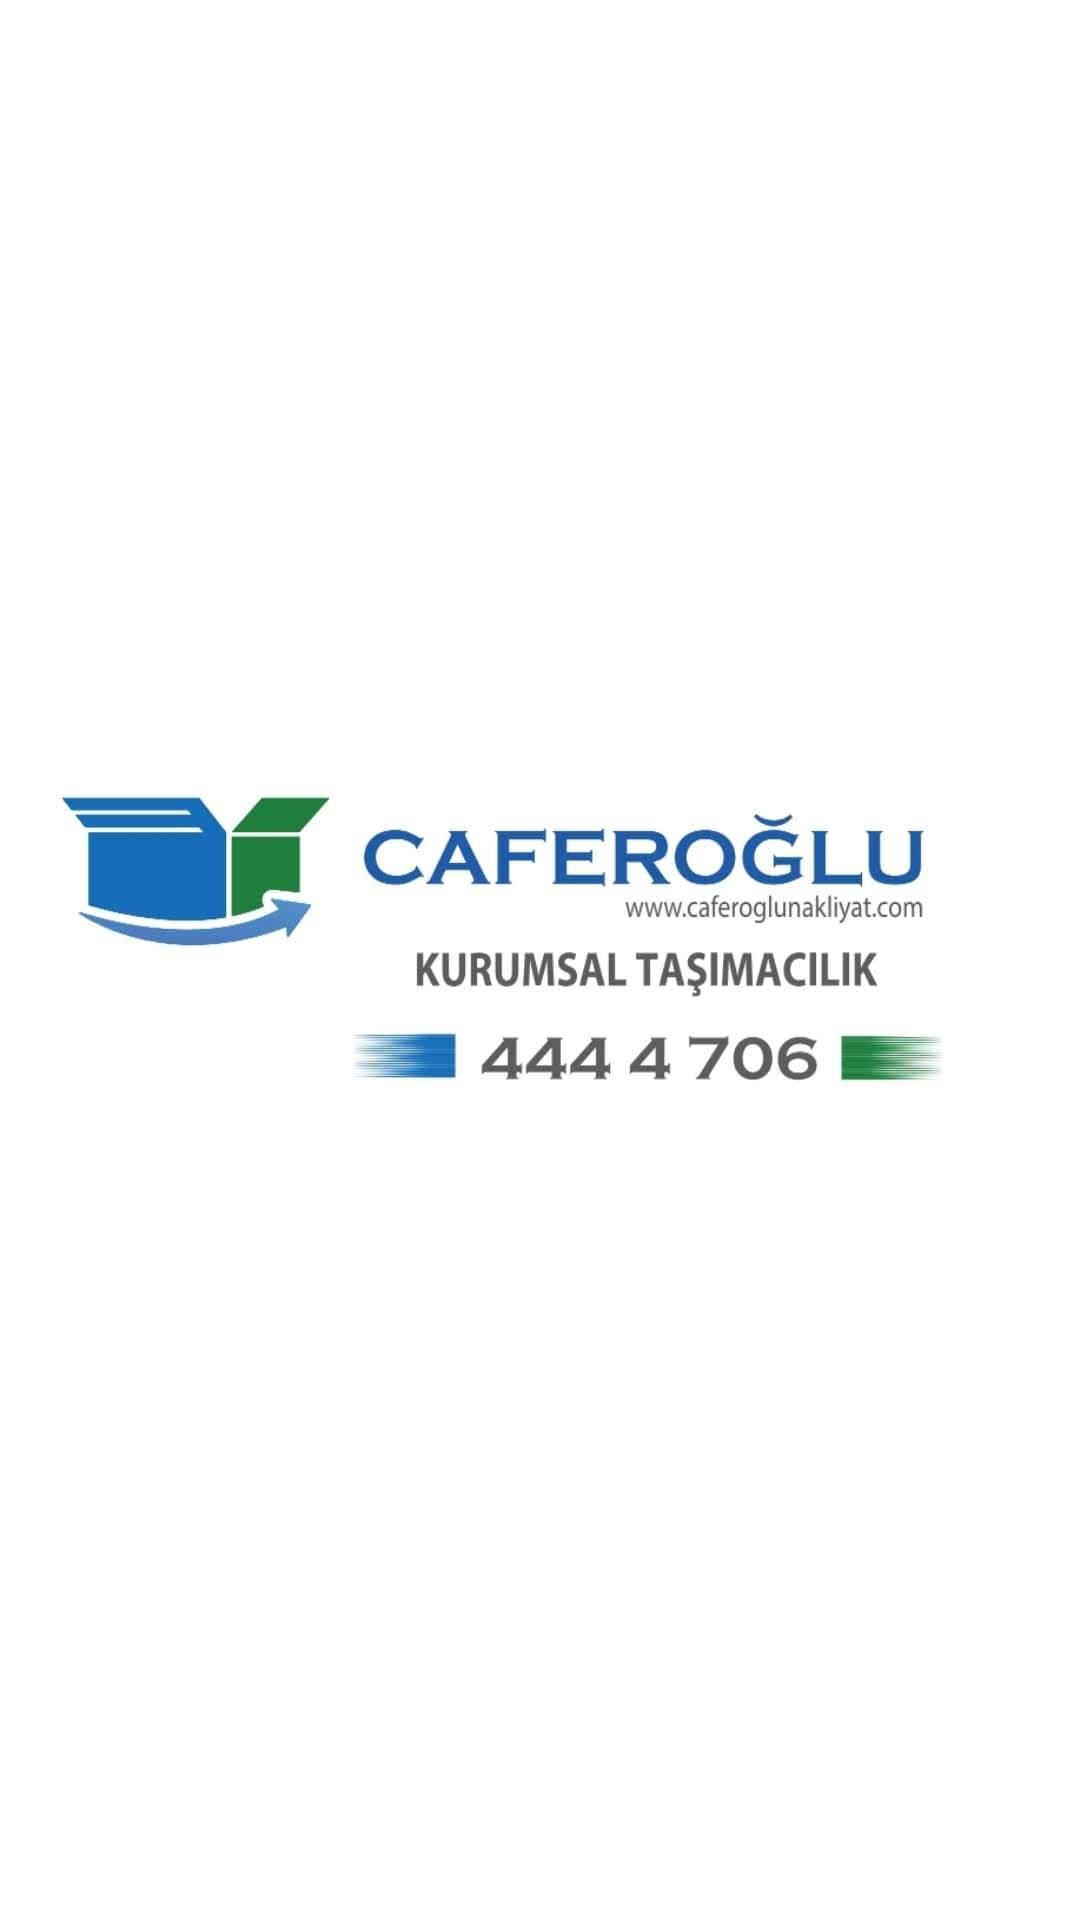 Caferoğlu Nakliyat